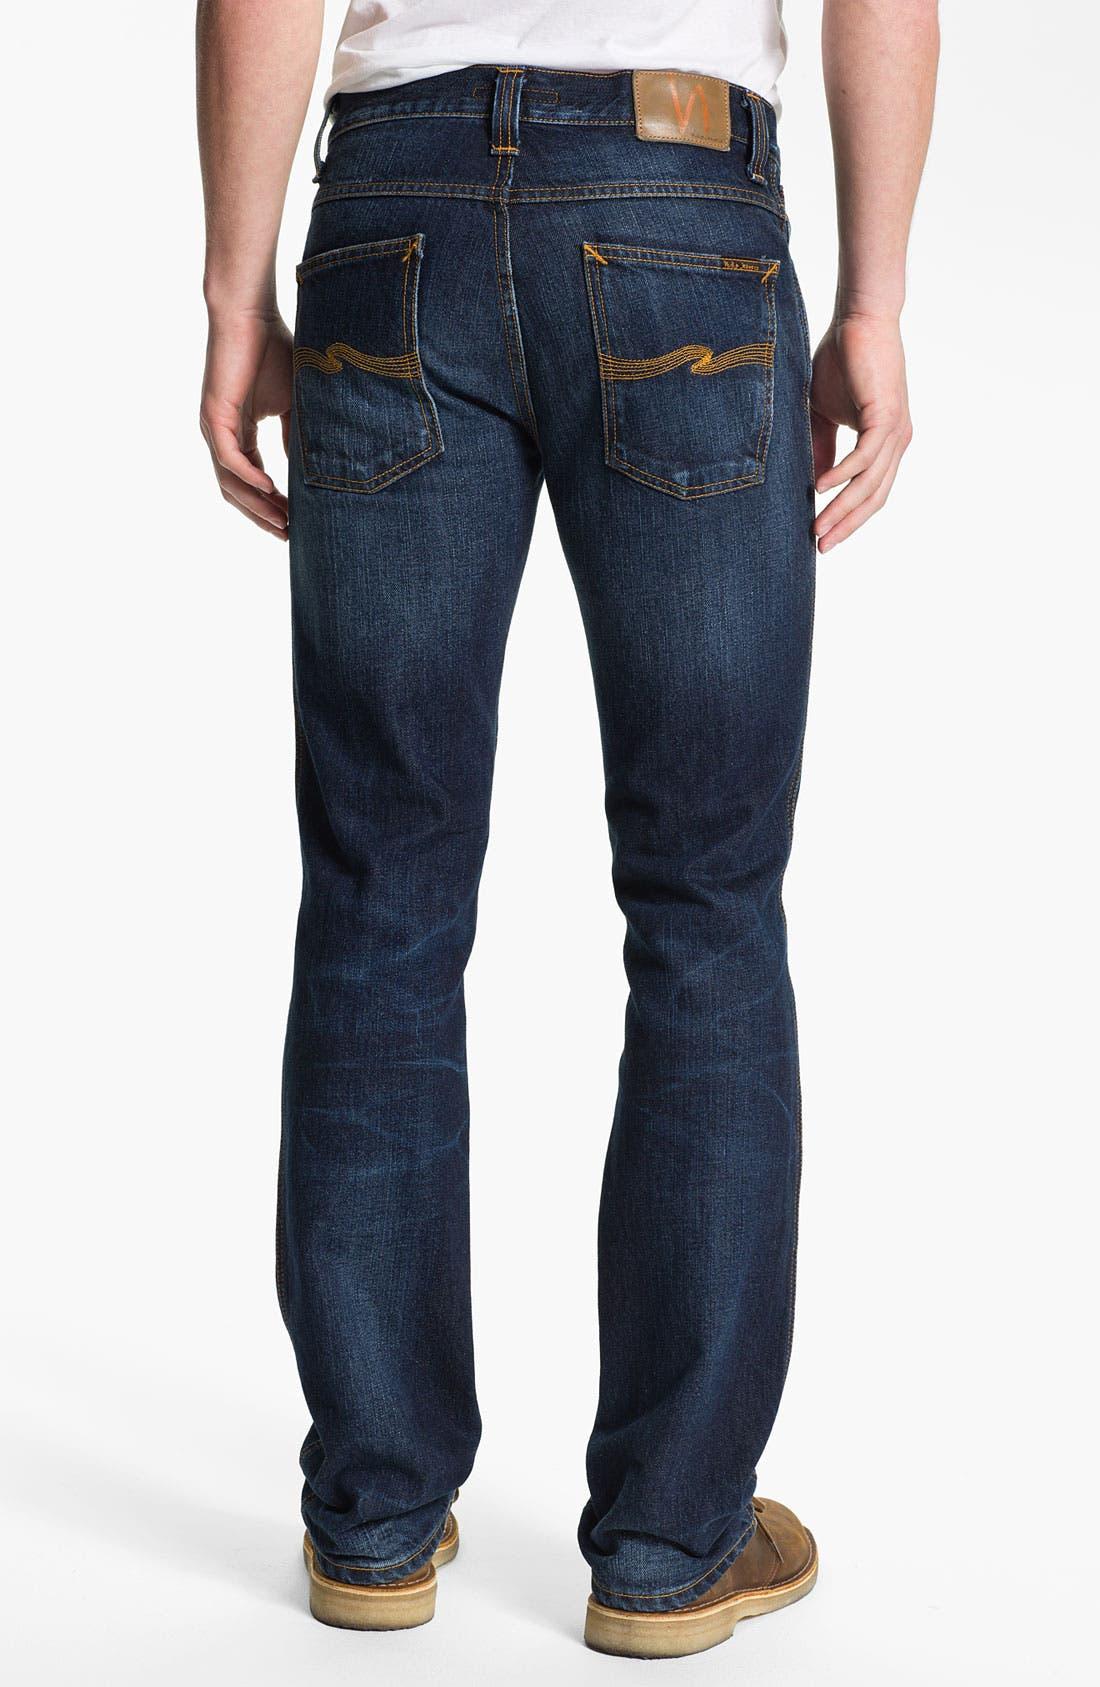 Alternate Image 1 Selected - Nudie 'Slim Jim' Slim Straight Leg Jeans (Organic Blue Note)